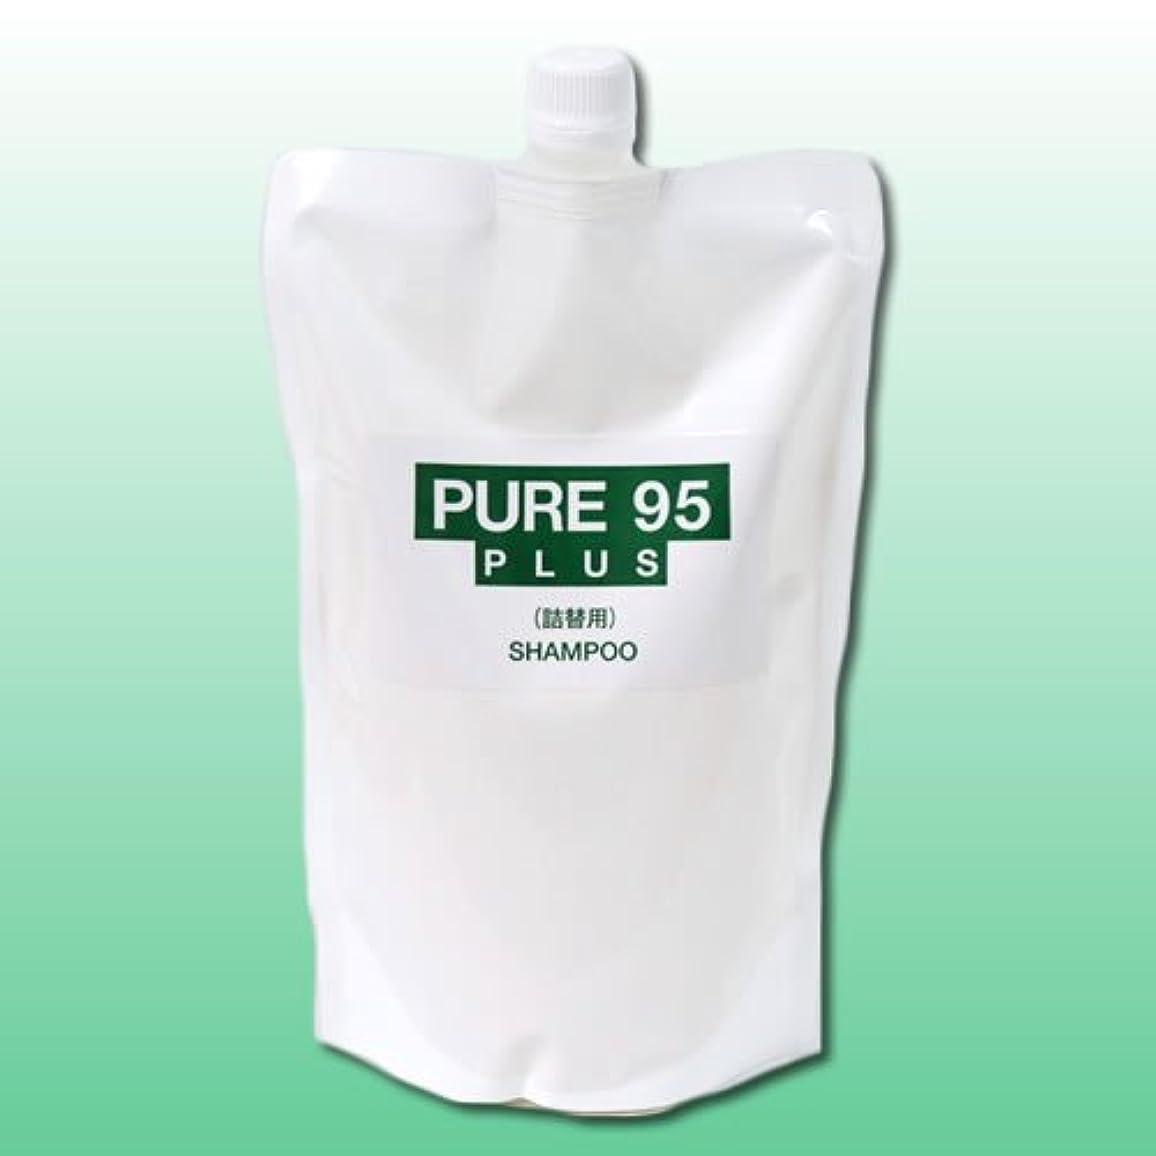 手数料拾う構成するパーミングジャパン PURE95(ピュア95) プラスシャンプー 700ml (草原の香り) 詰替用